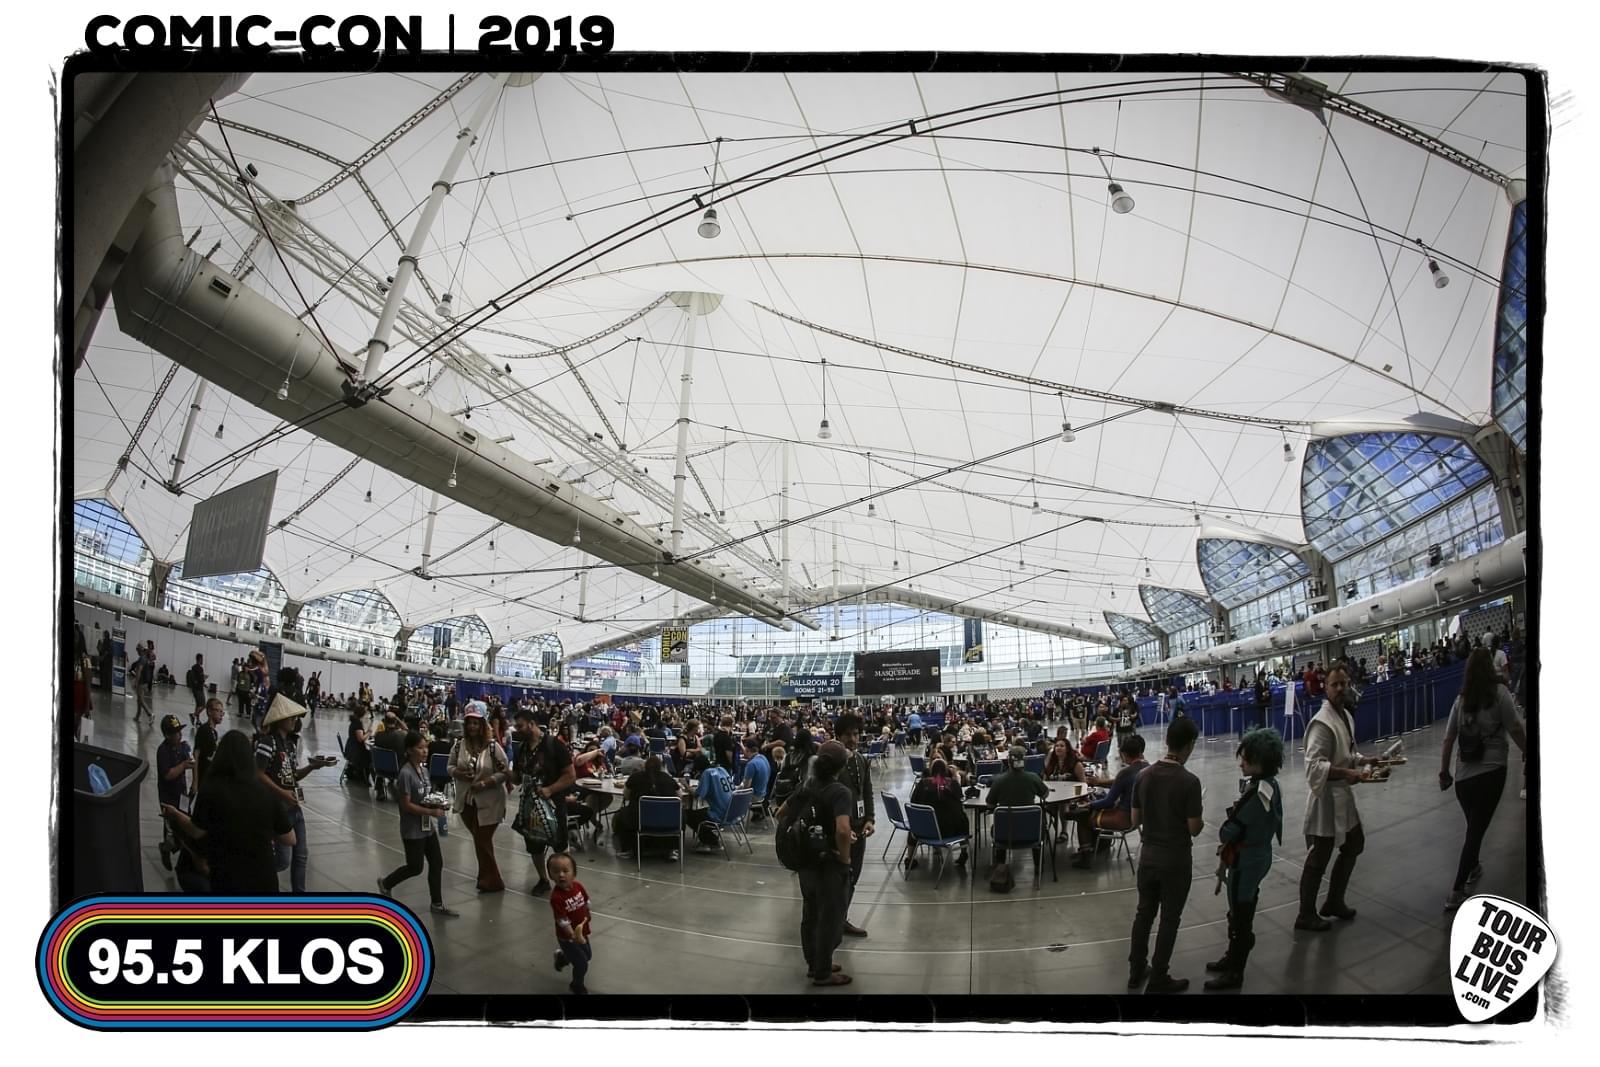 Photo Gallery: Comic Con 2019